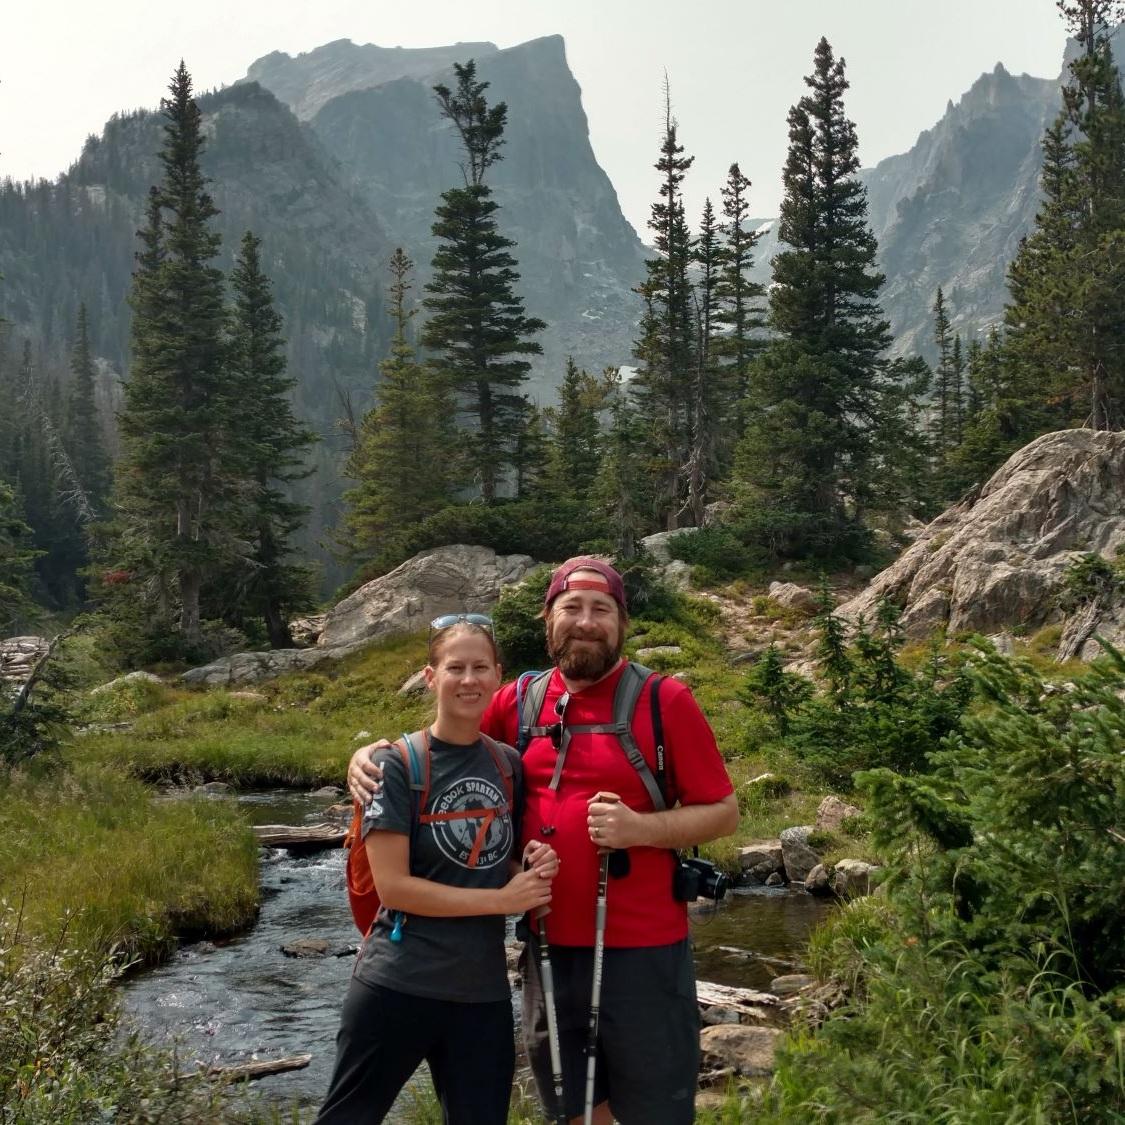 Andrea+and+Martin+Colorado+small.jpg